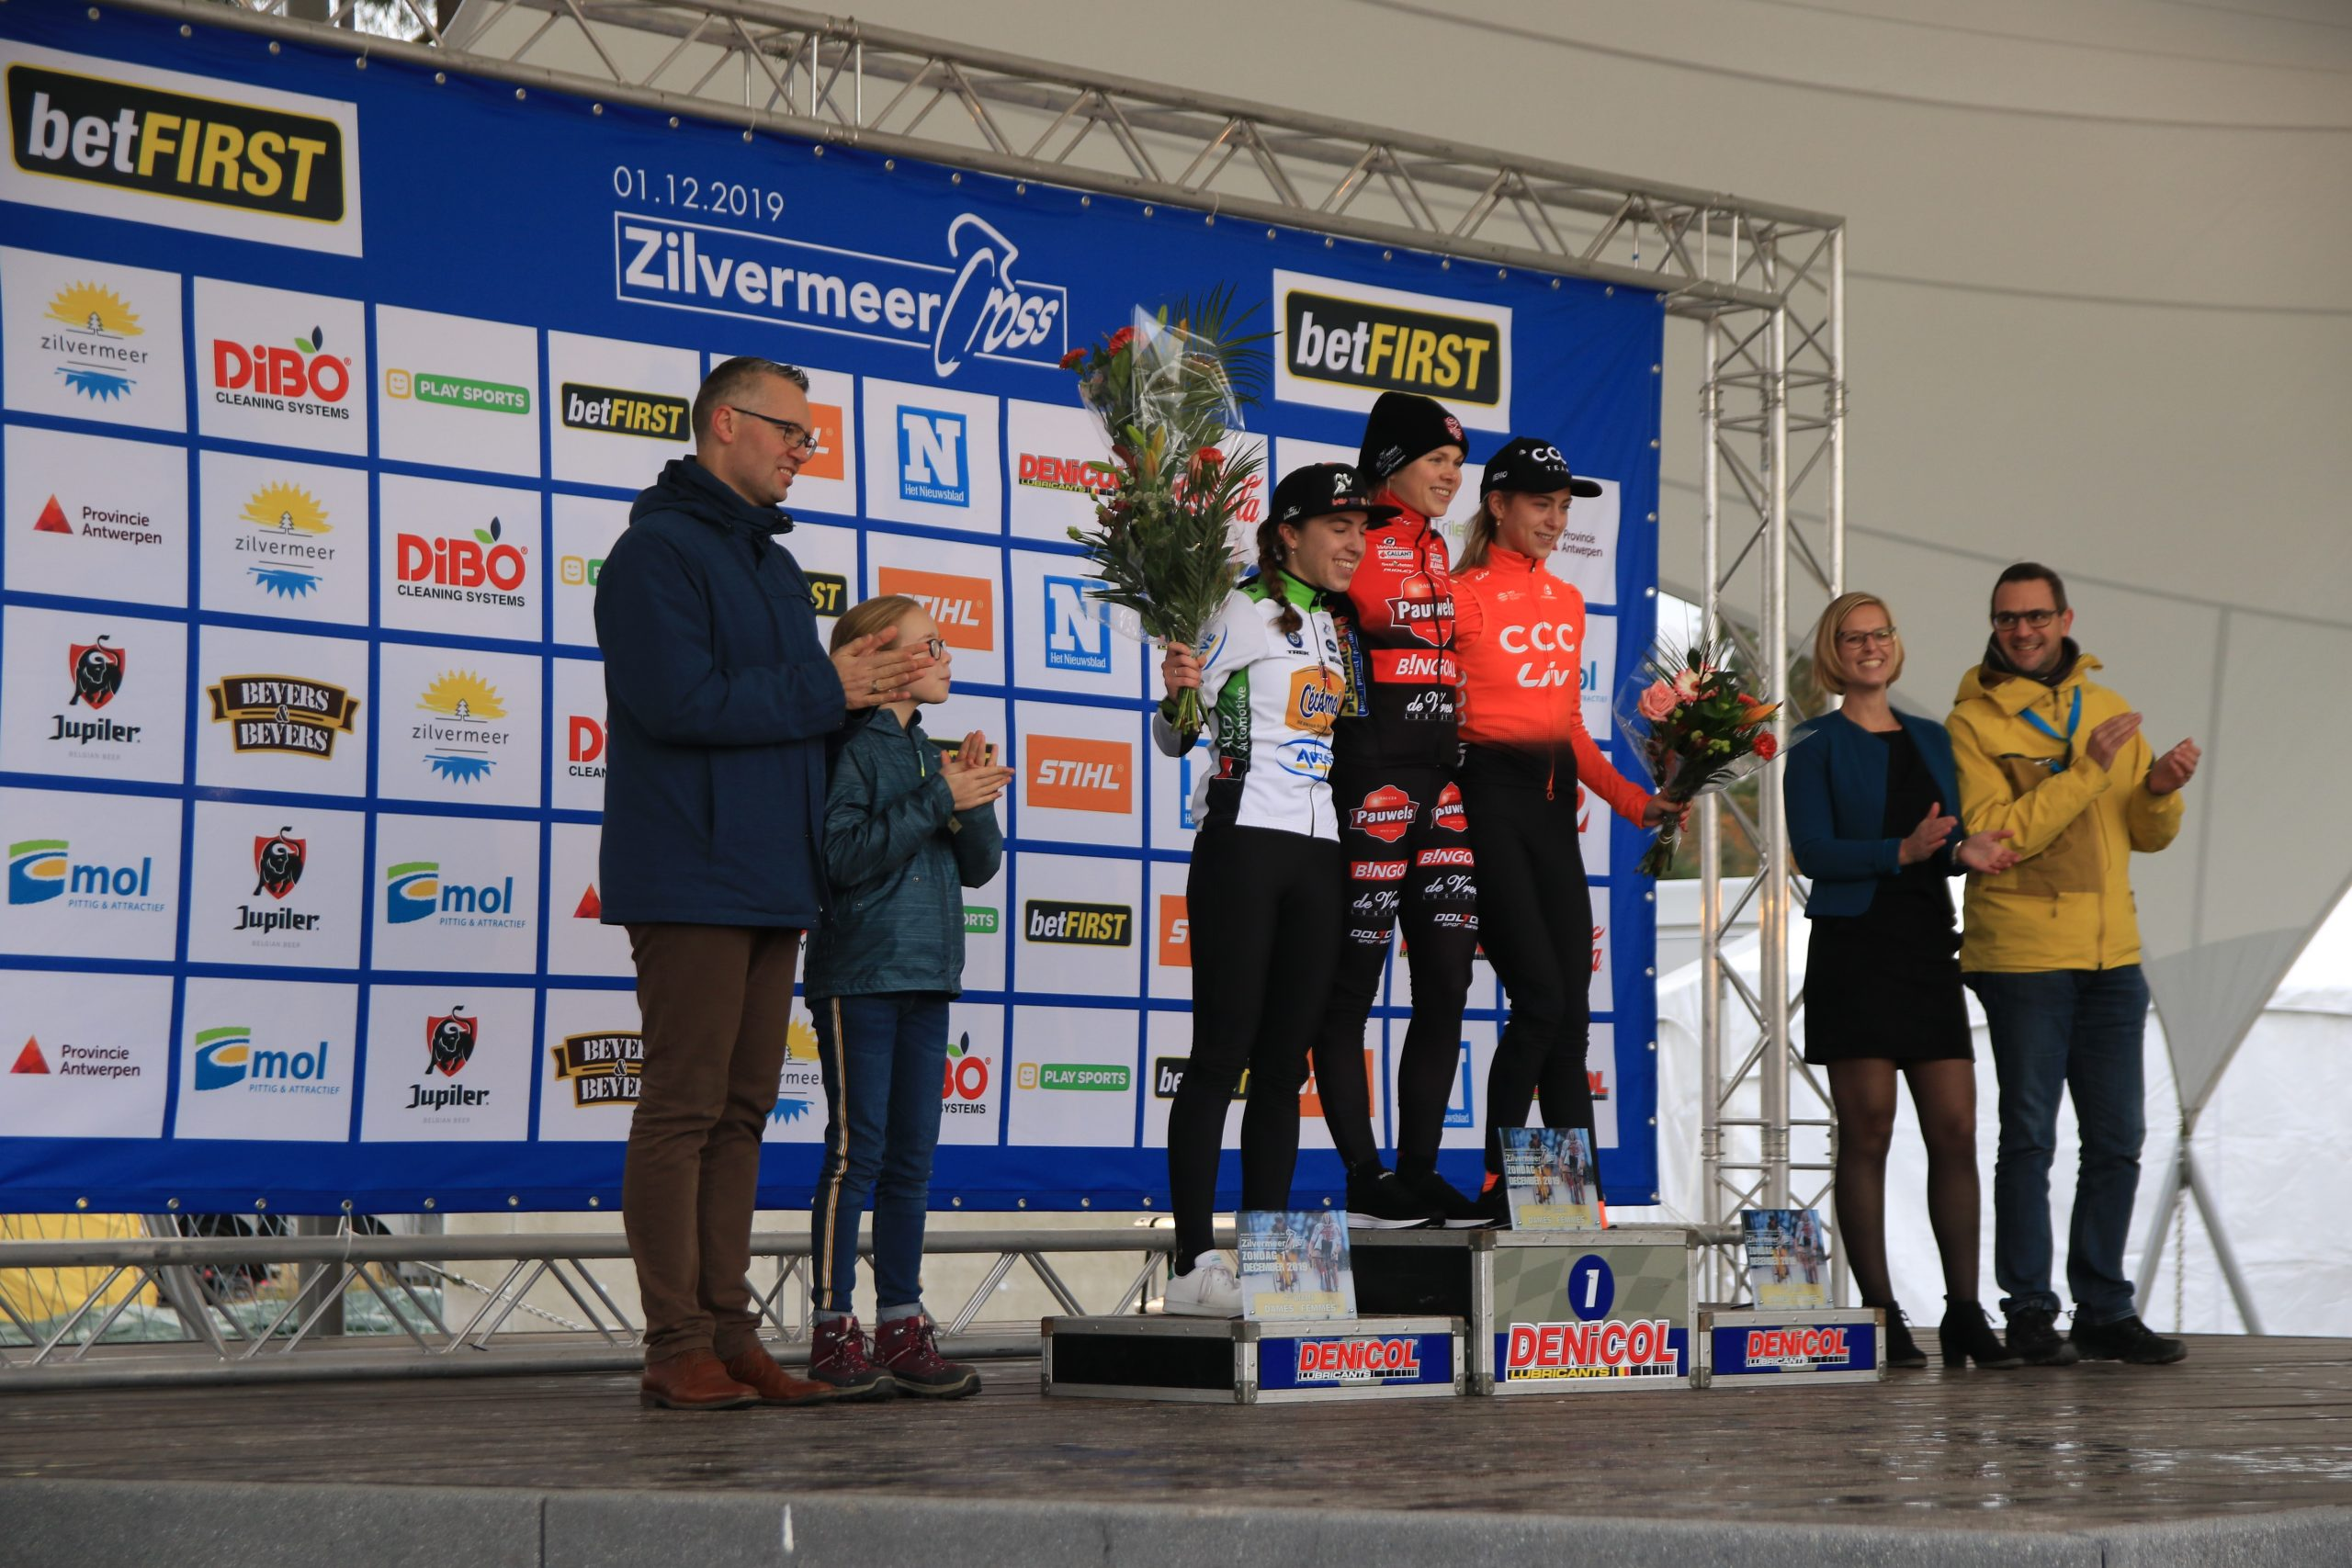 Laura Verdonschot wint Zilvermeercross in Mol